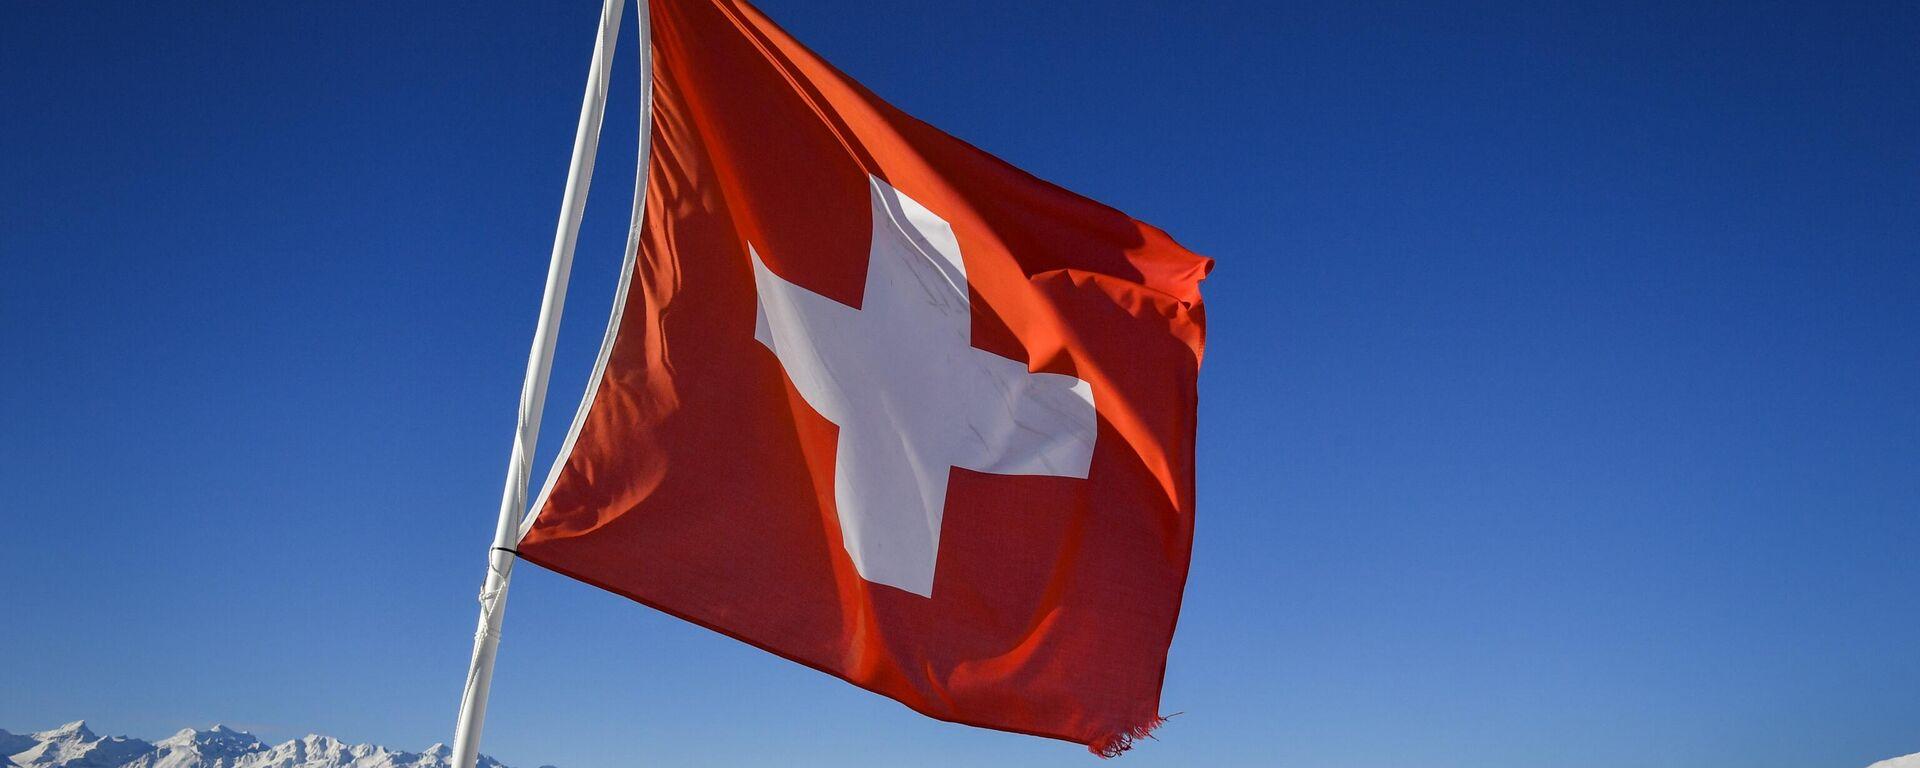 Die Schweizerfahne  - SNA, 1920, 09.12.2020